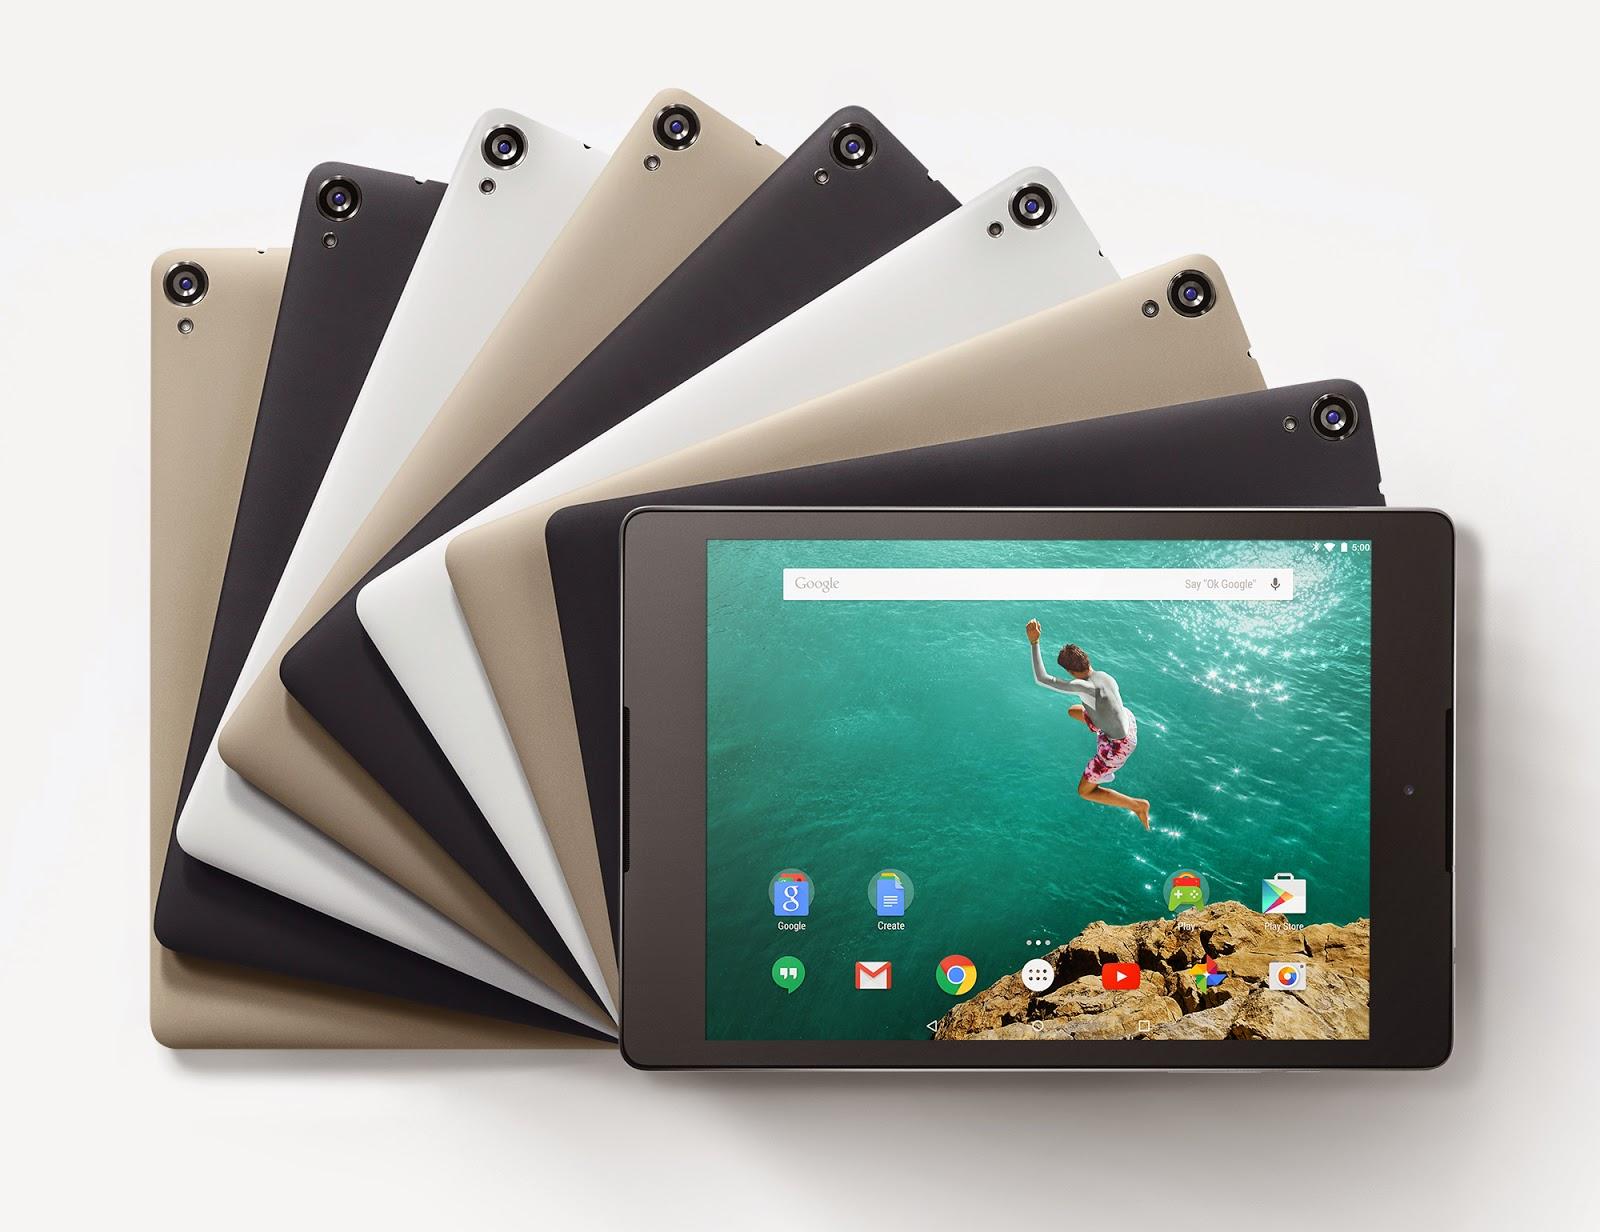 Nexus 9 official colors